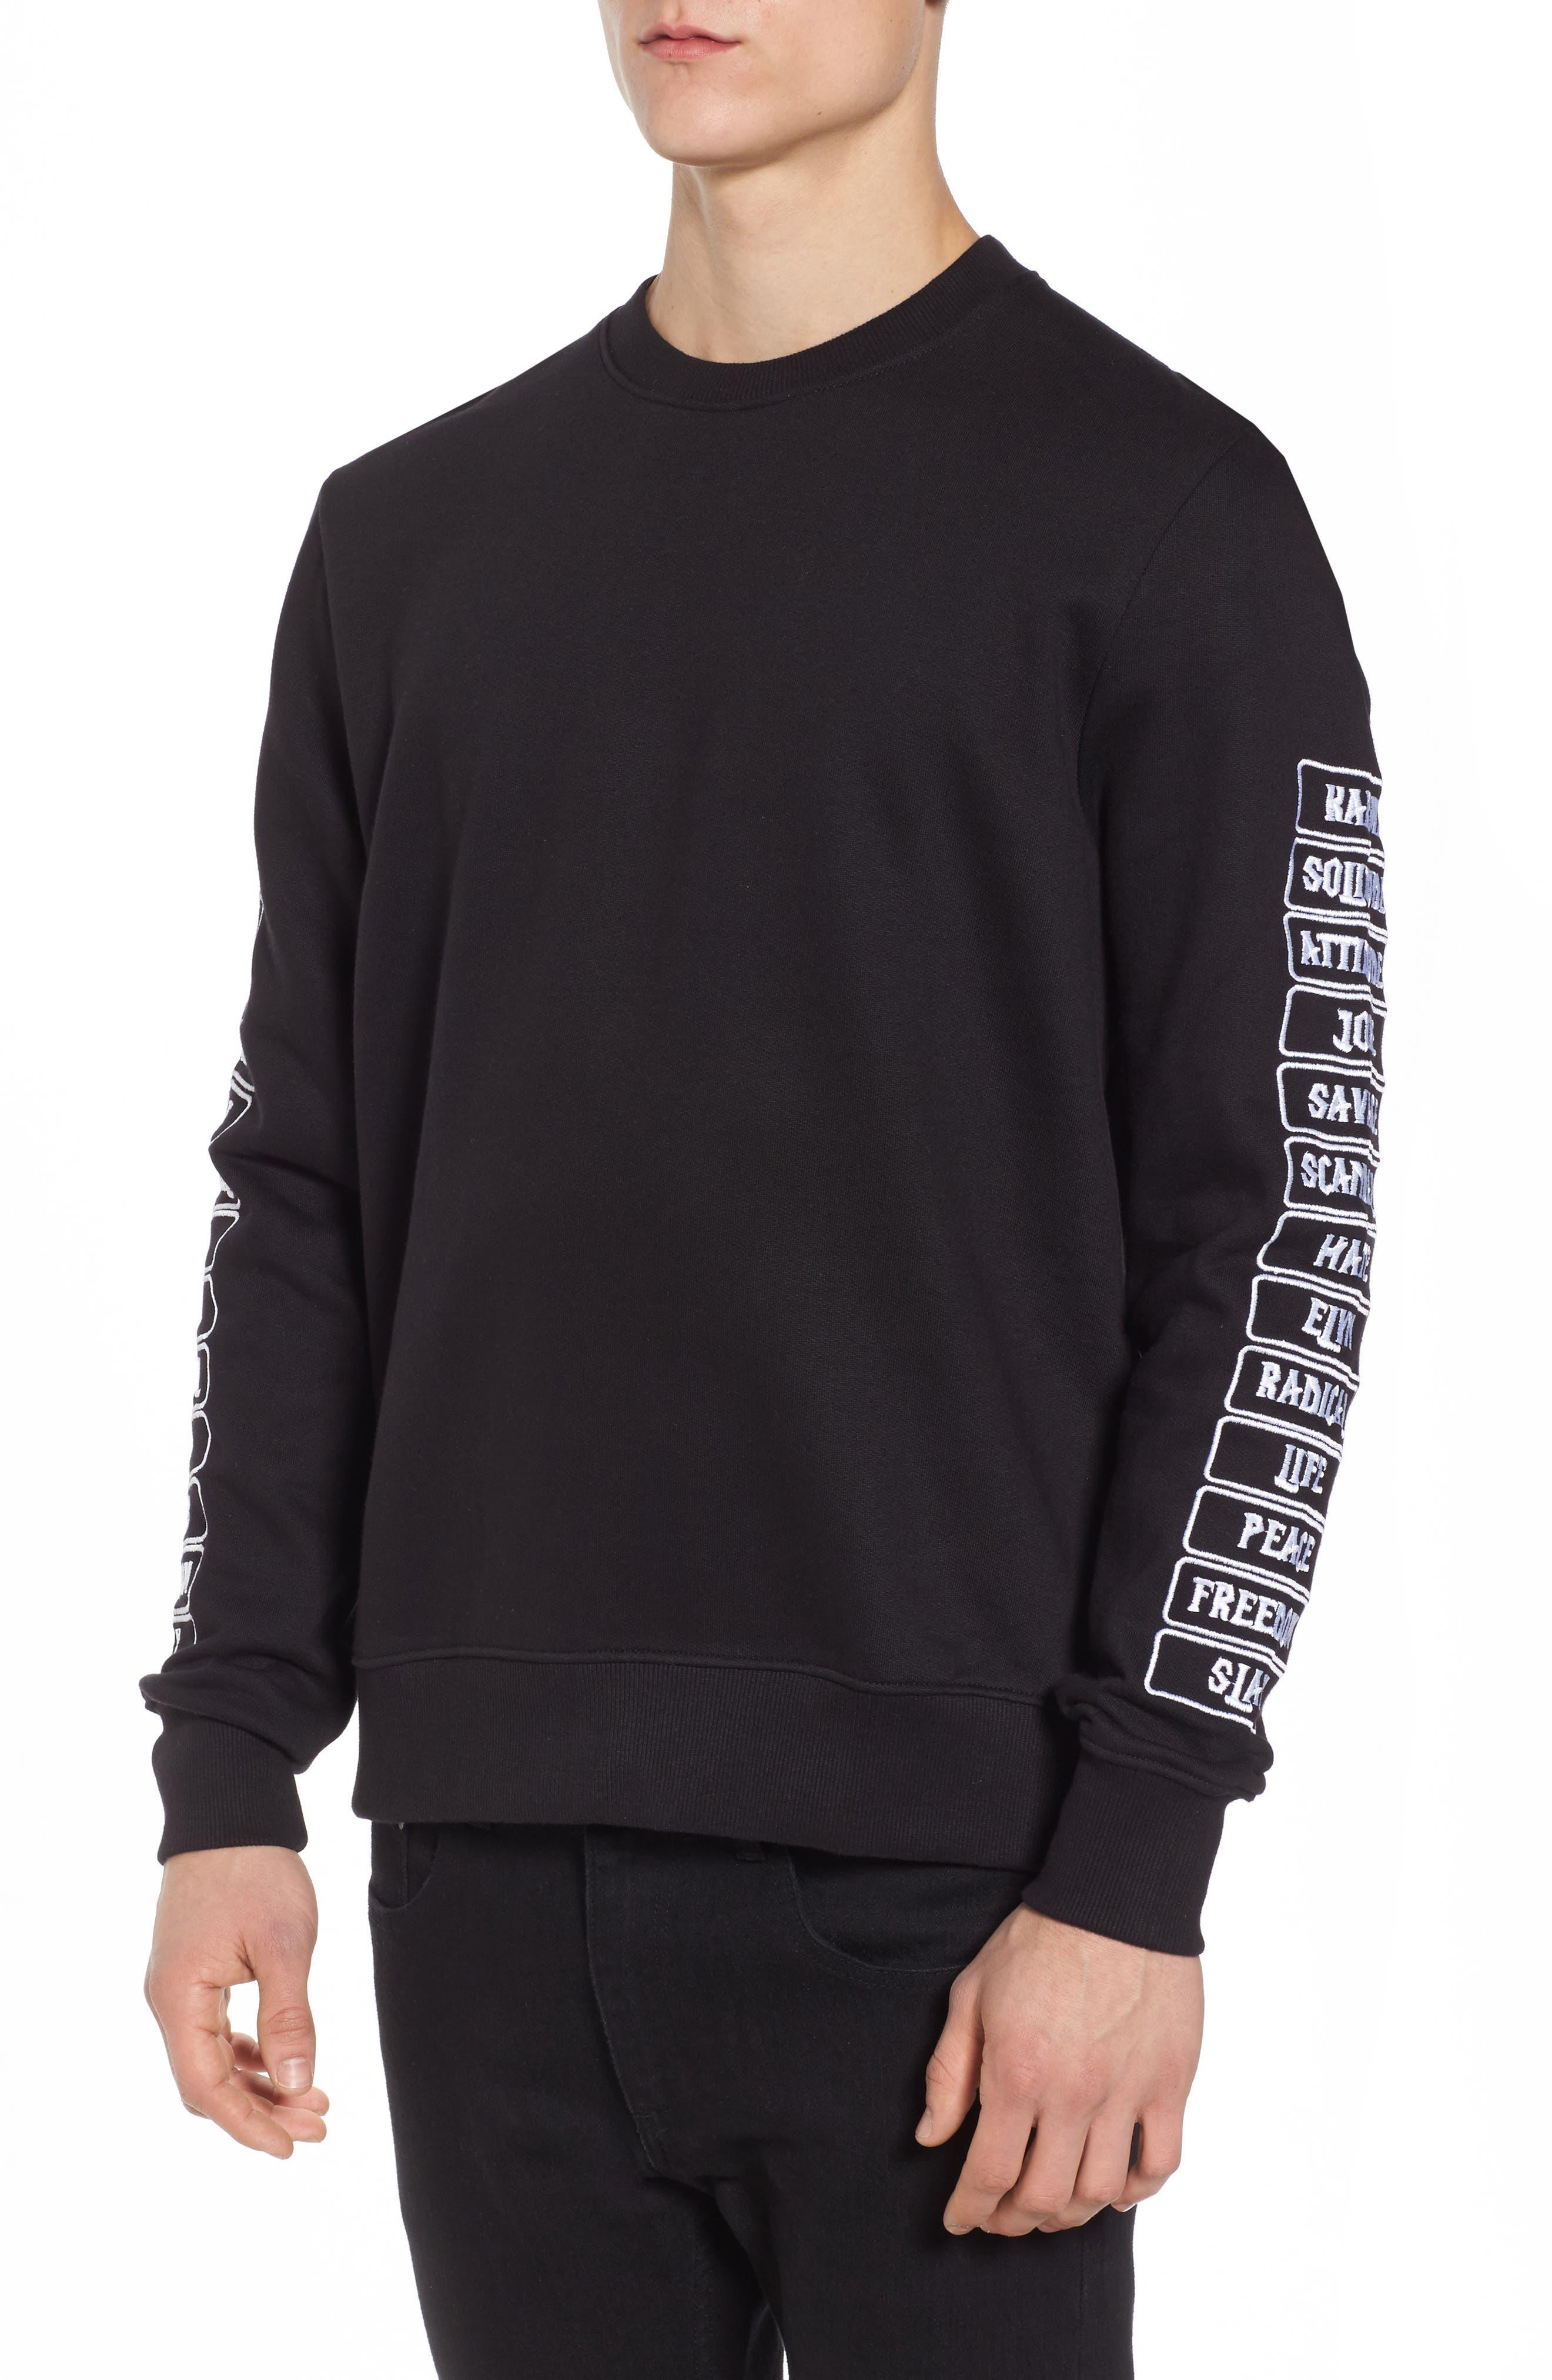 Meace Fleece Sweatshirt,                             Main thumbnail 1, color,                             002